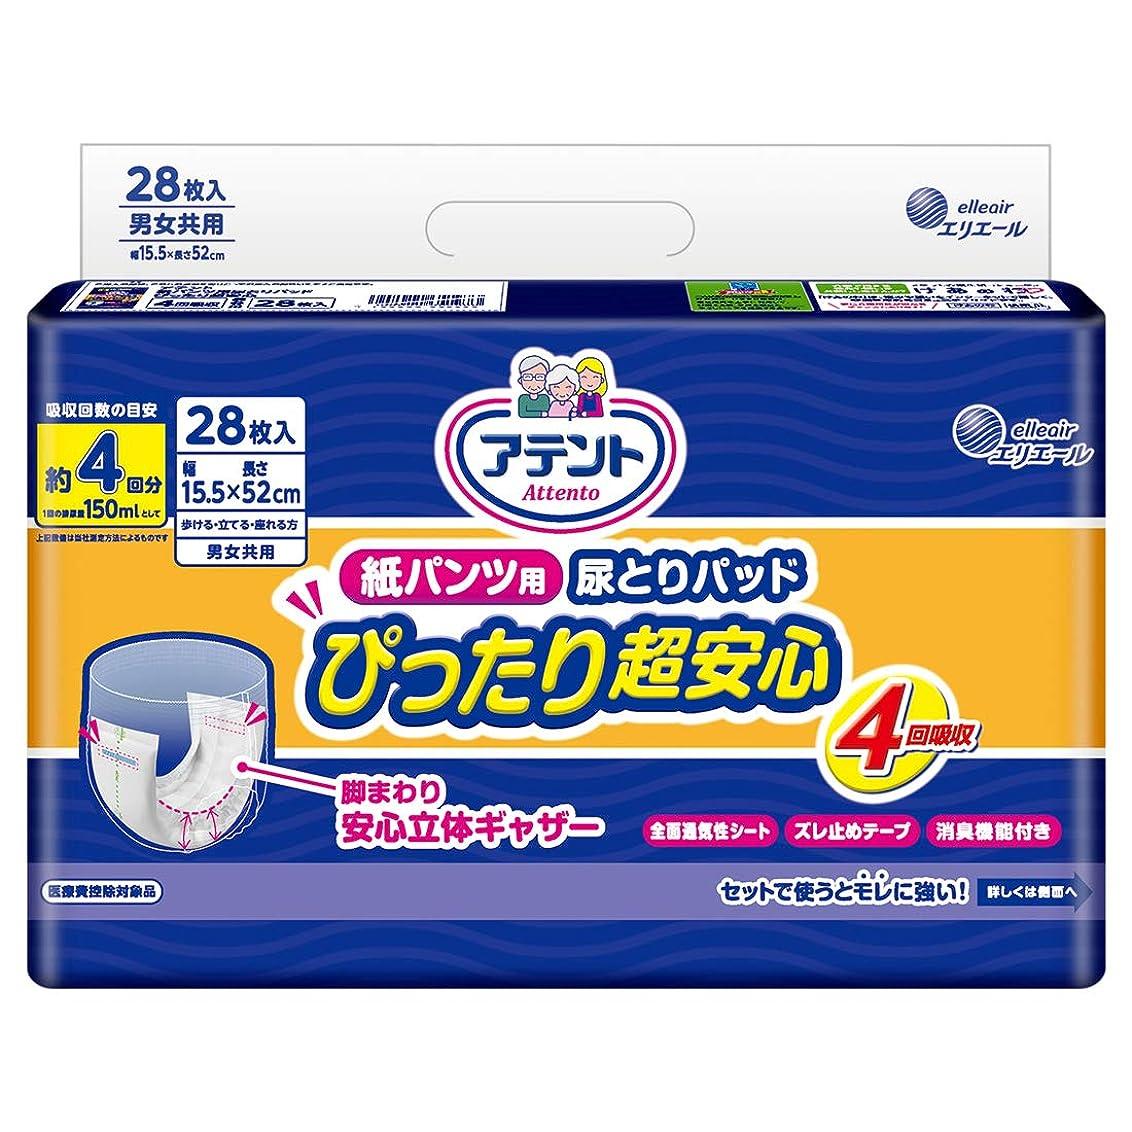 ヤングテクトニック階下アテント 紙パンツ用 尿とりパッド 4回吸収 28枚 15.5×52cm ぴったり超安心 パンツ式用